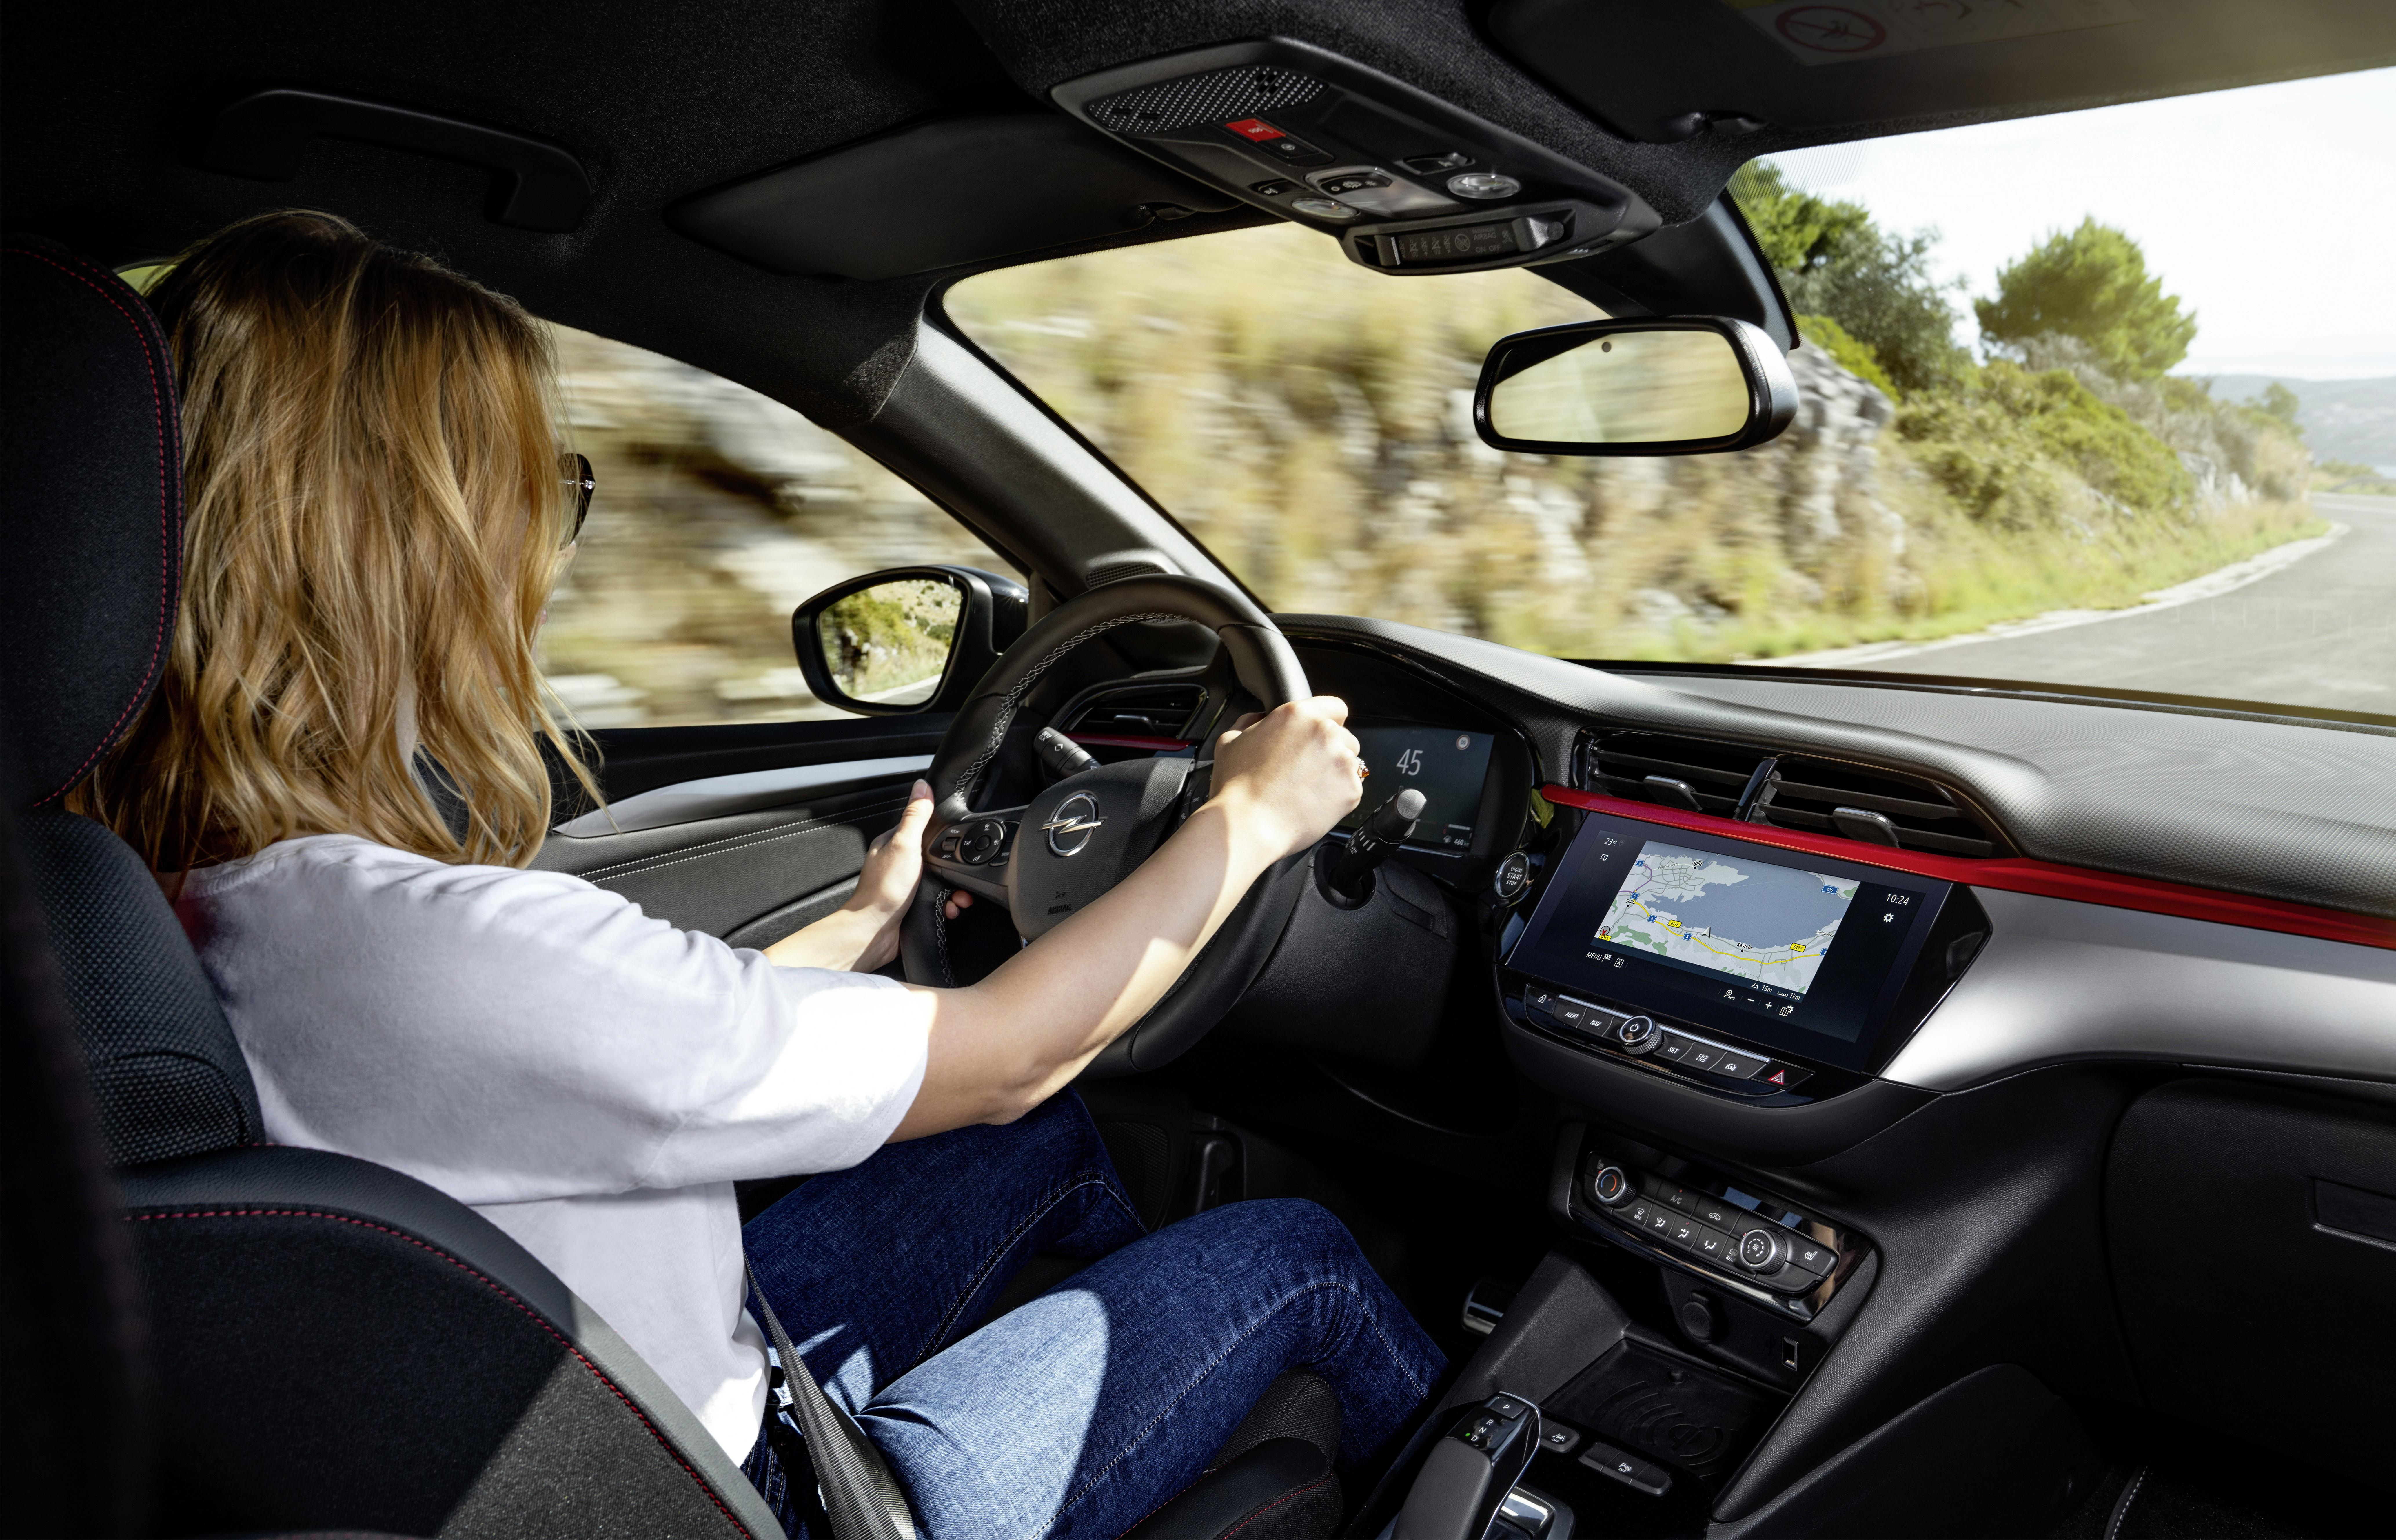 Sportlich und elegant: Mit dem neuen Opel Corsa kann man sich sehen lassen © OPEL